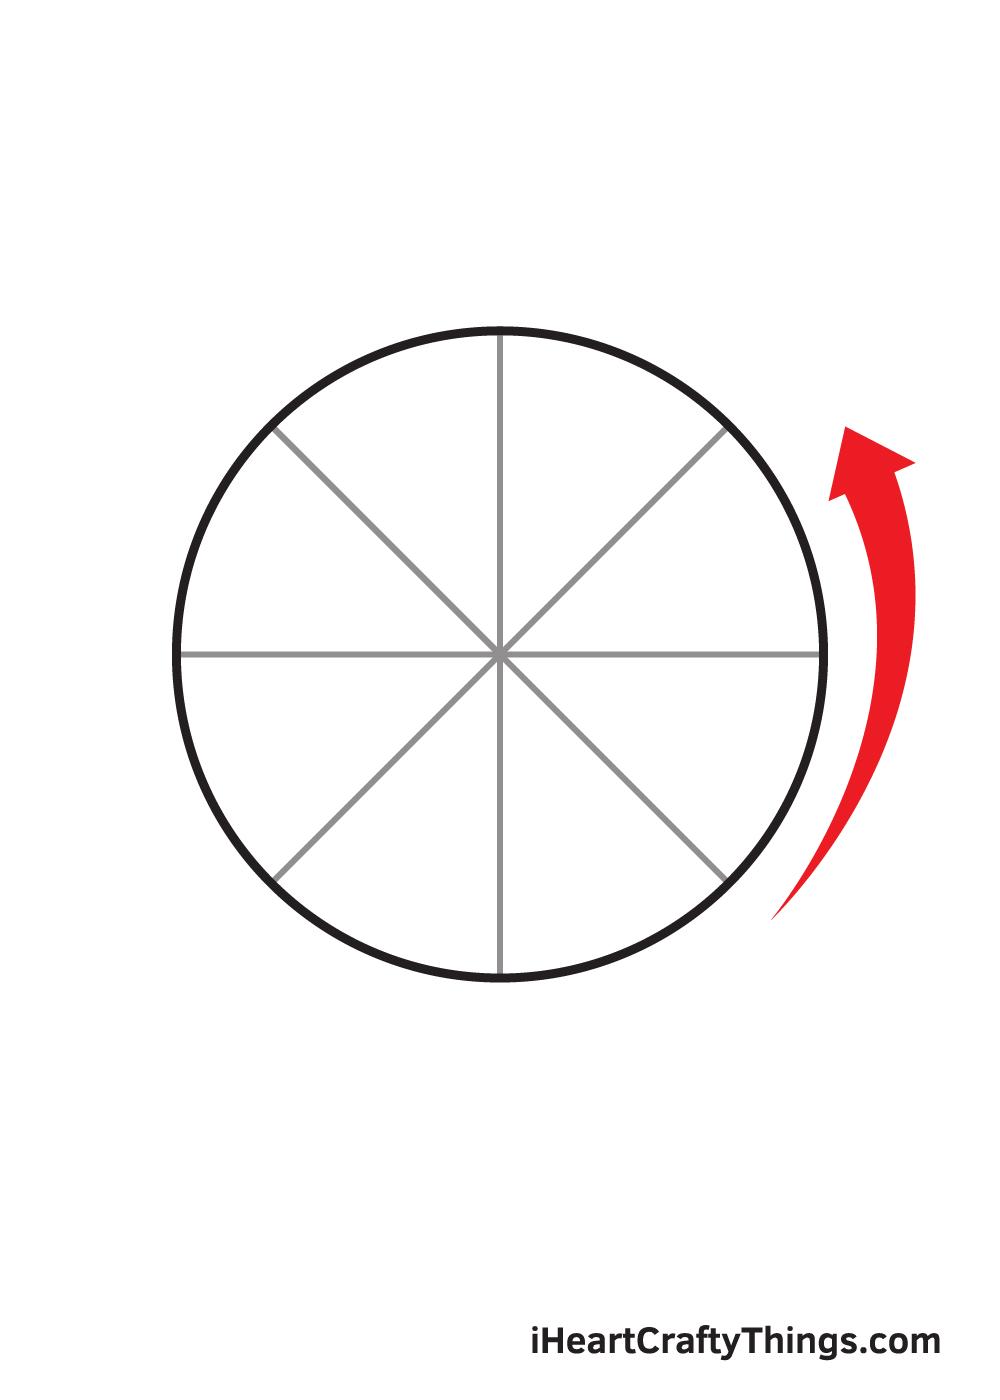 circle drawing step 8